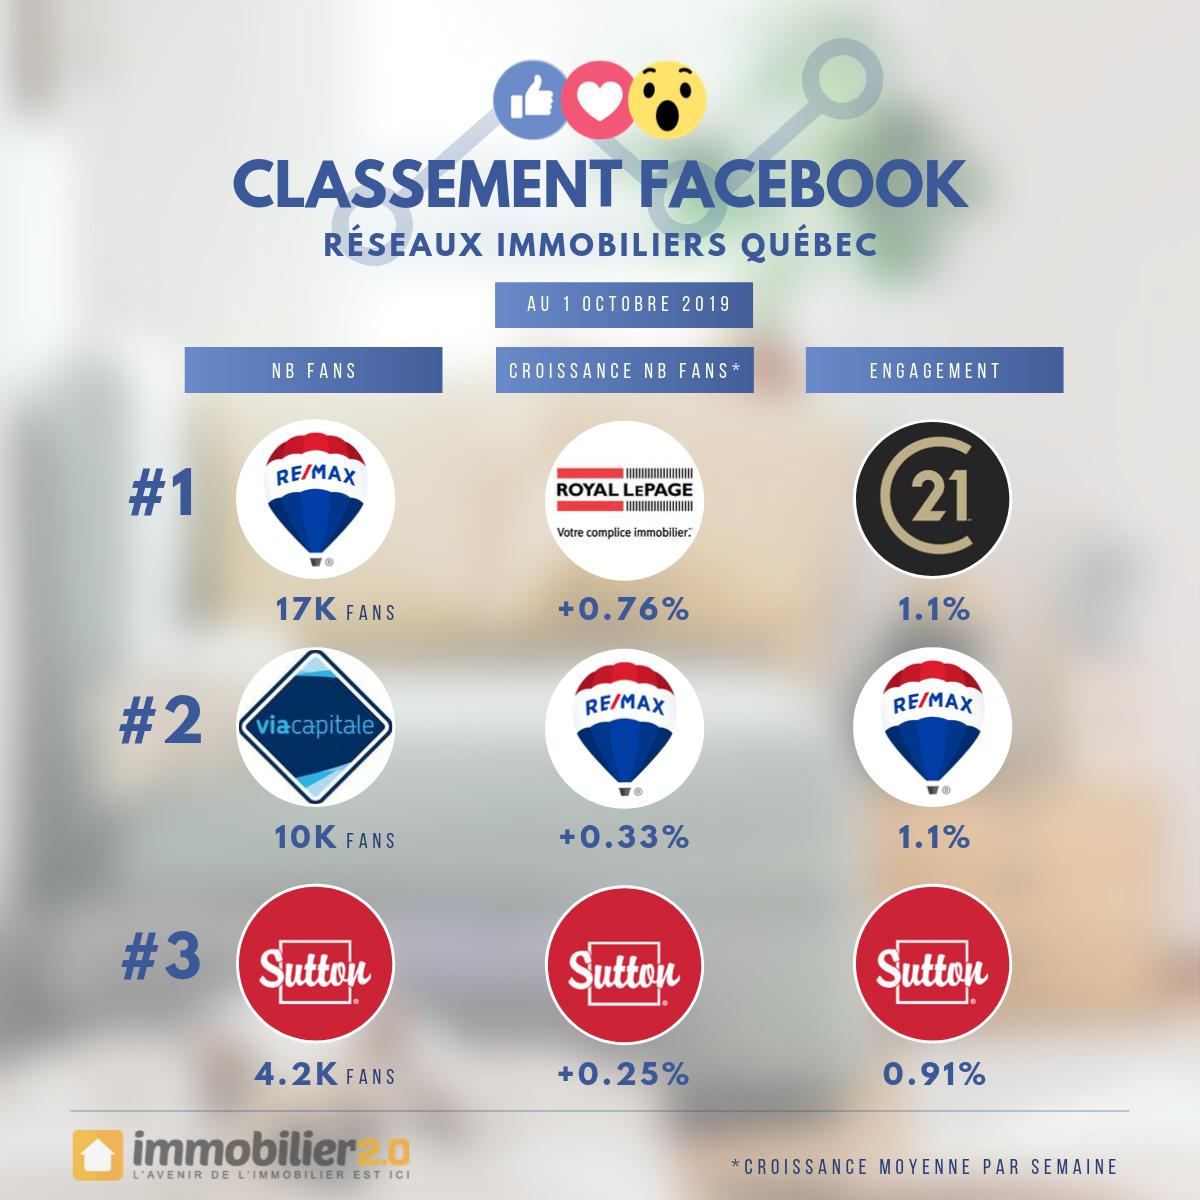 Classement Facebook Marques Immobiliers Quebec Octobre 2019